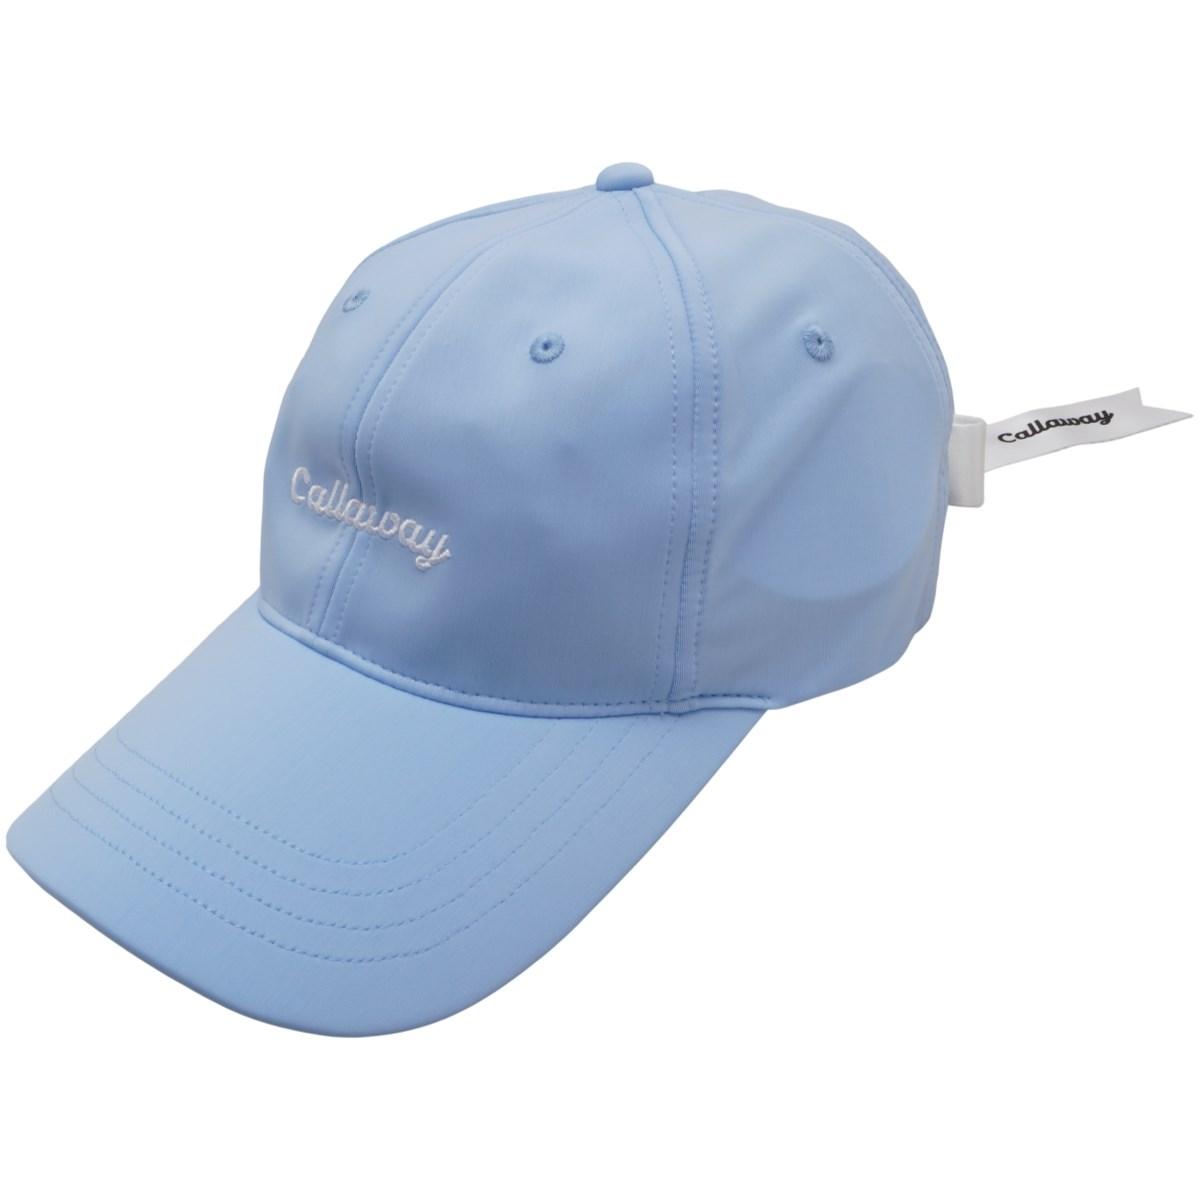 キャロウェイゴルフ Callaway Golf バックリボンキャップ フリー ブルー 112 レディス